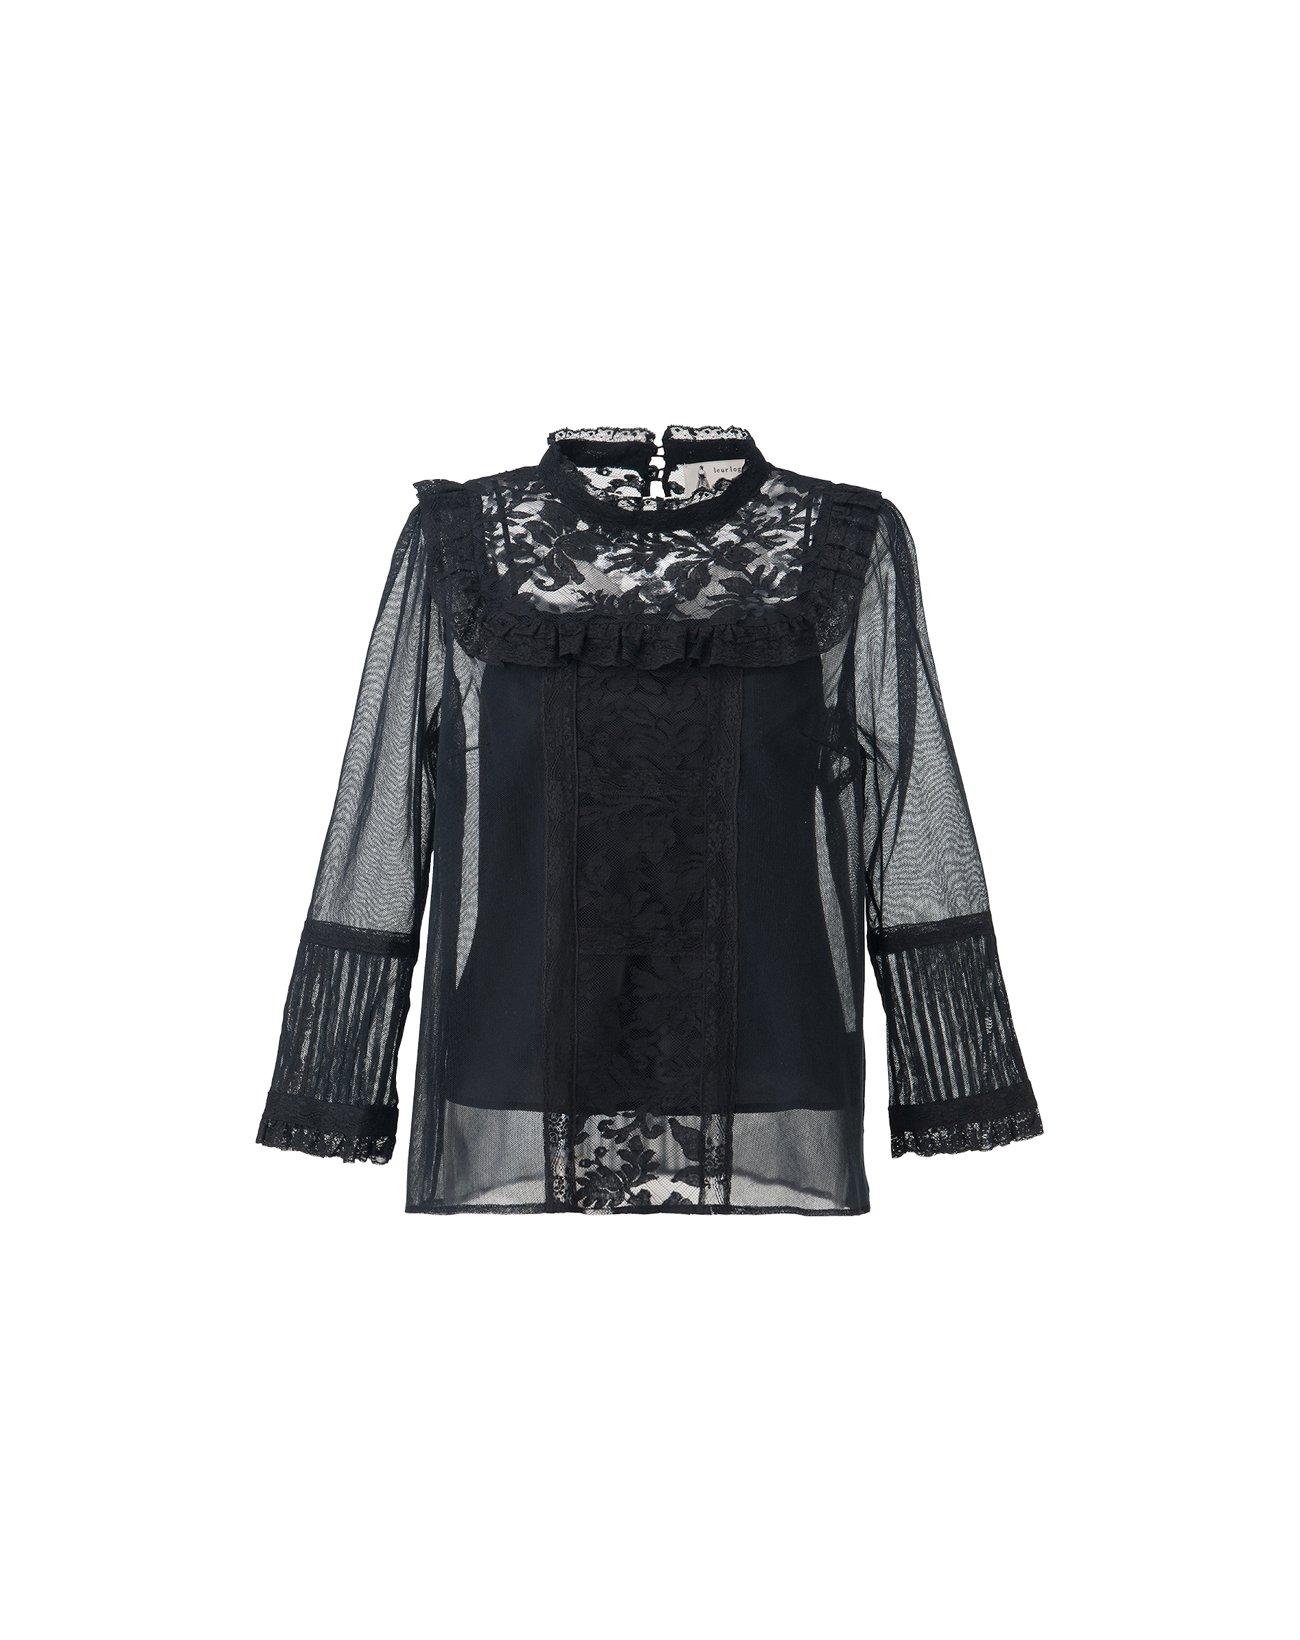 Cotton Tulle Lace Blouse - Black